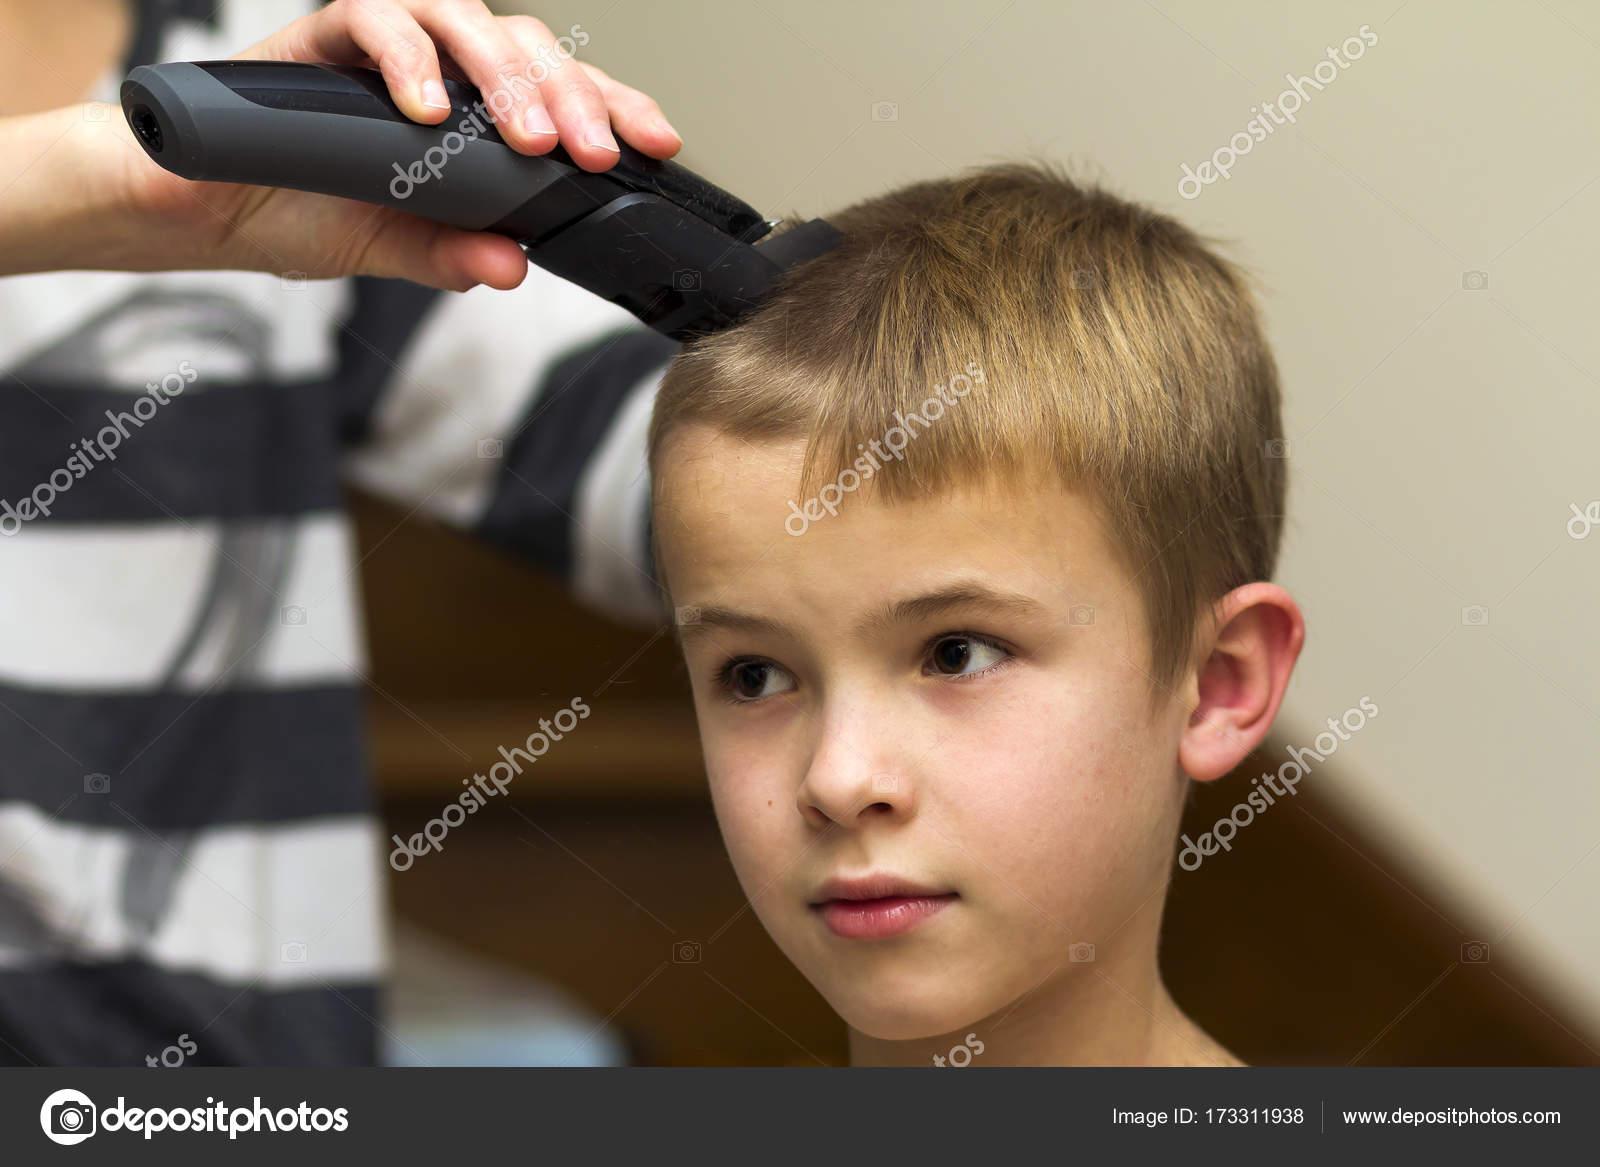 Friseur Ist Haare Schneiden Eines Jungen Kindes Im Friseurladen